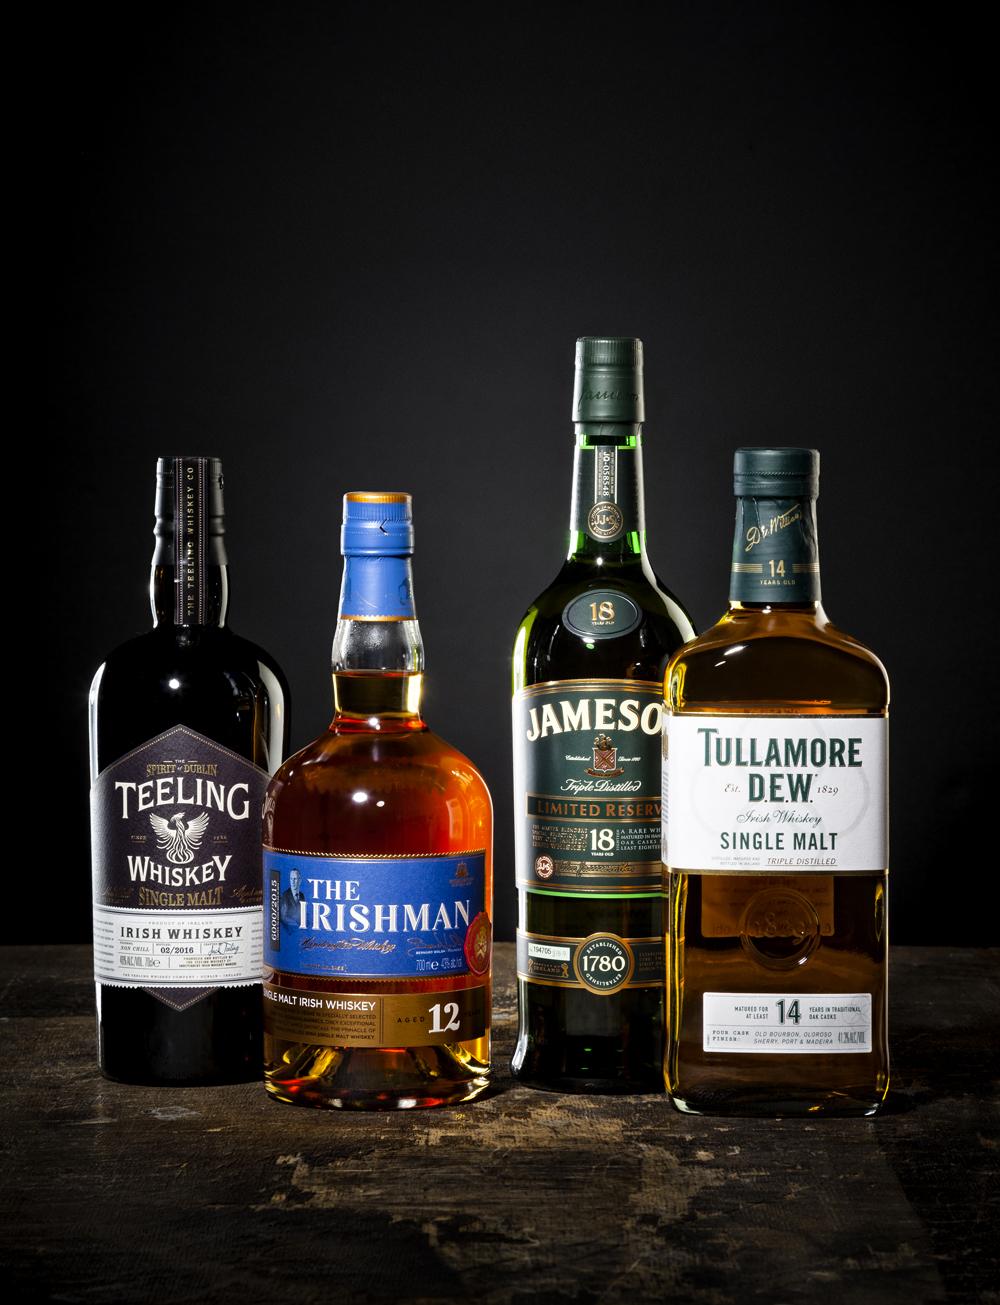 whiskey-10634x